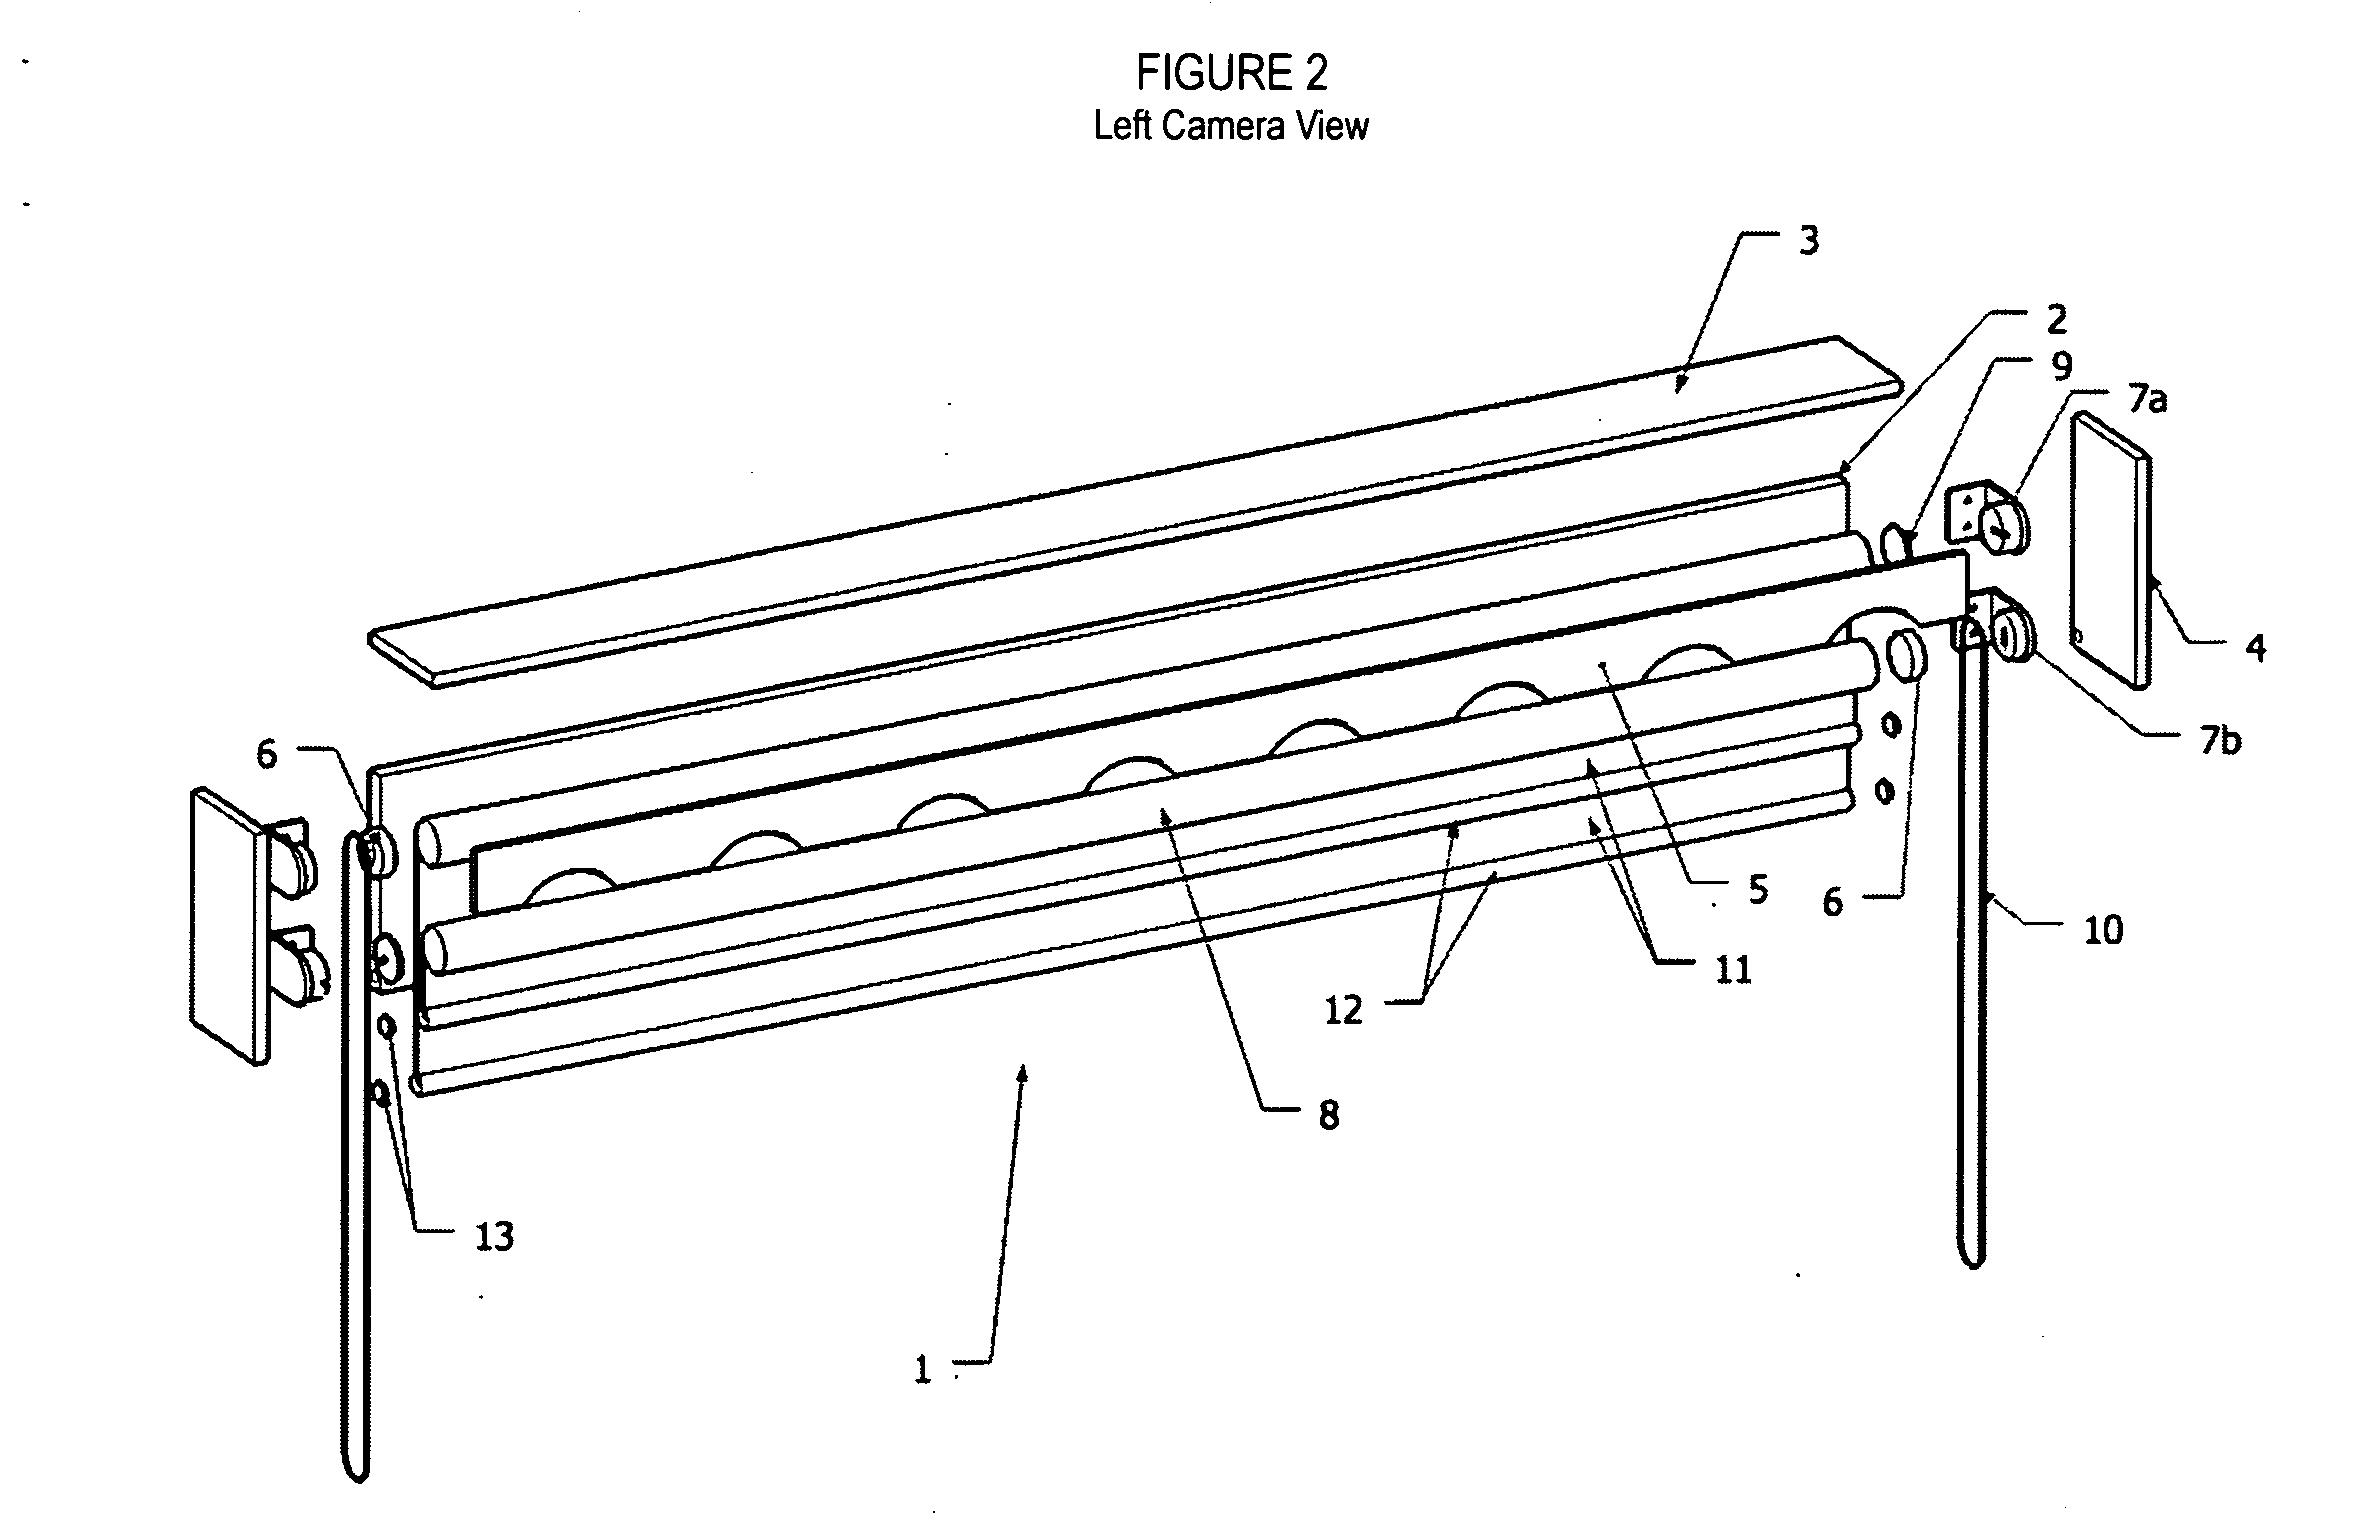 Design Wall Quilts Retractable : Patent us  design a way retractable